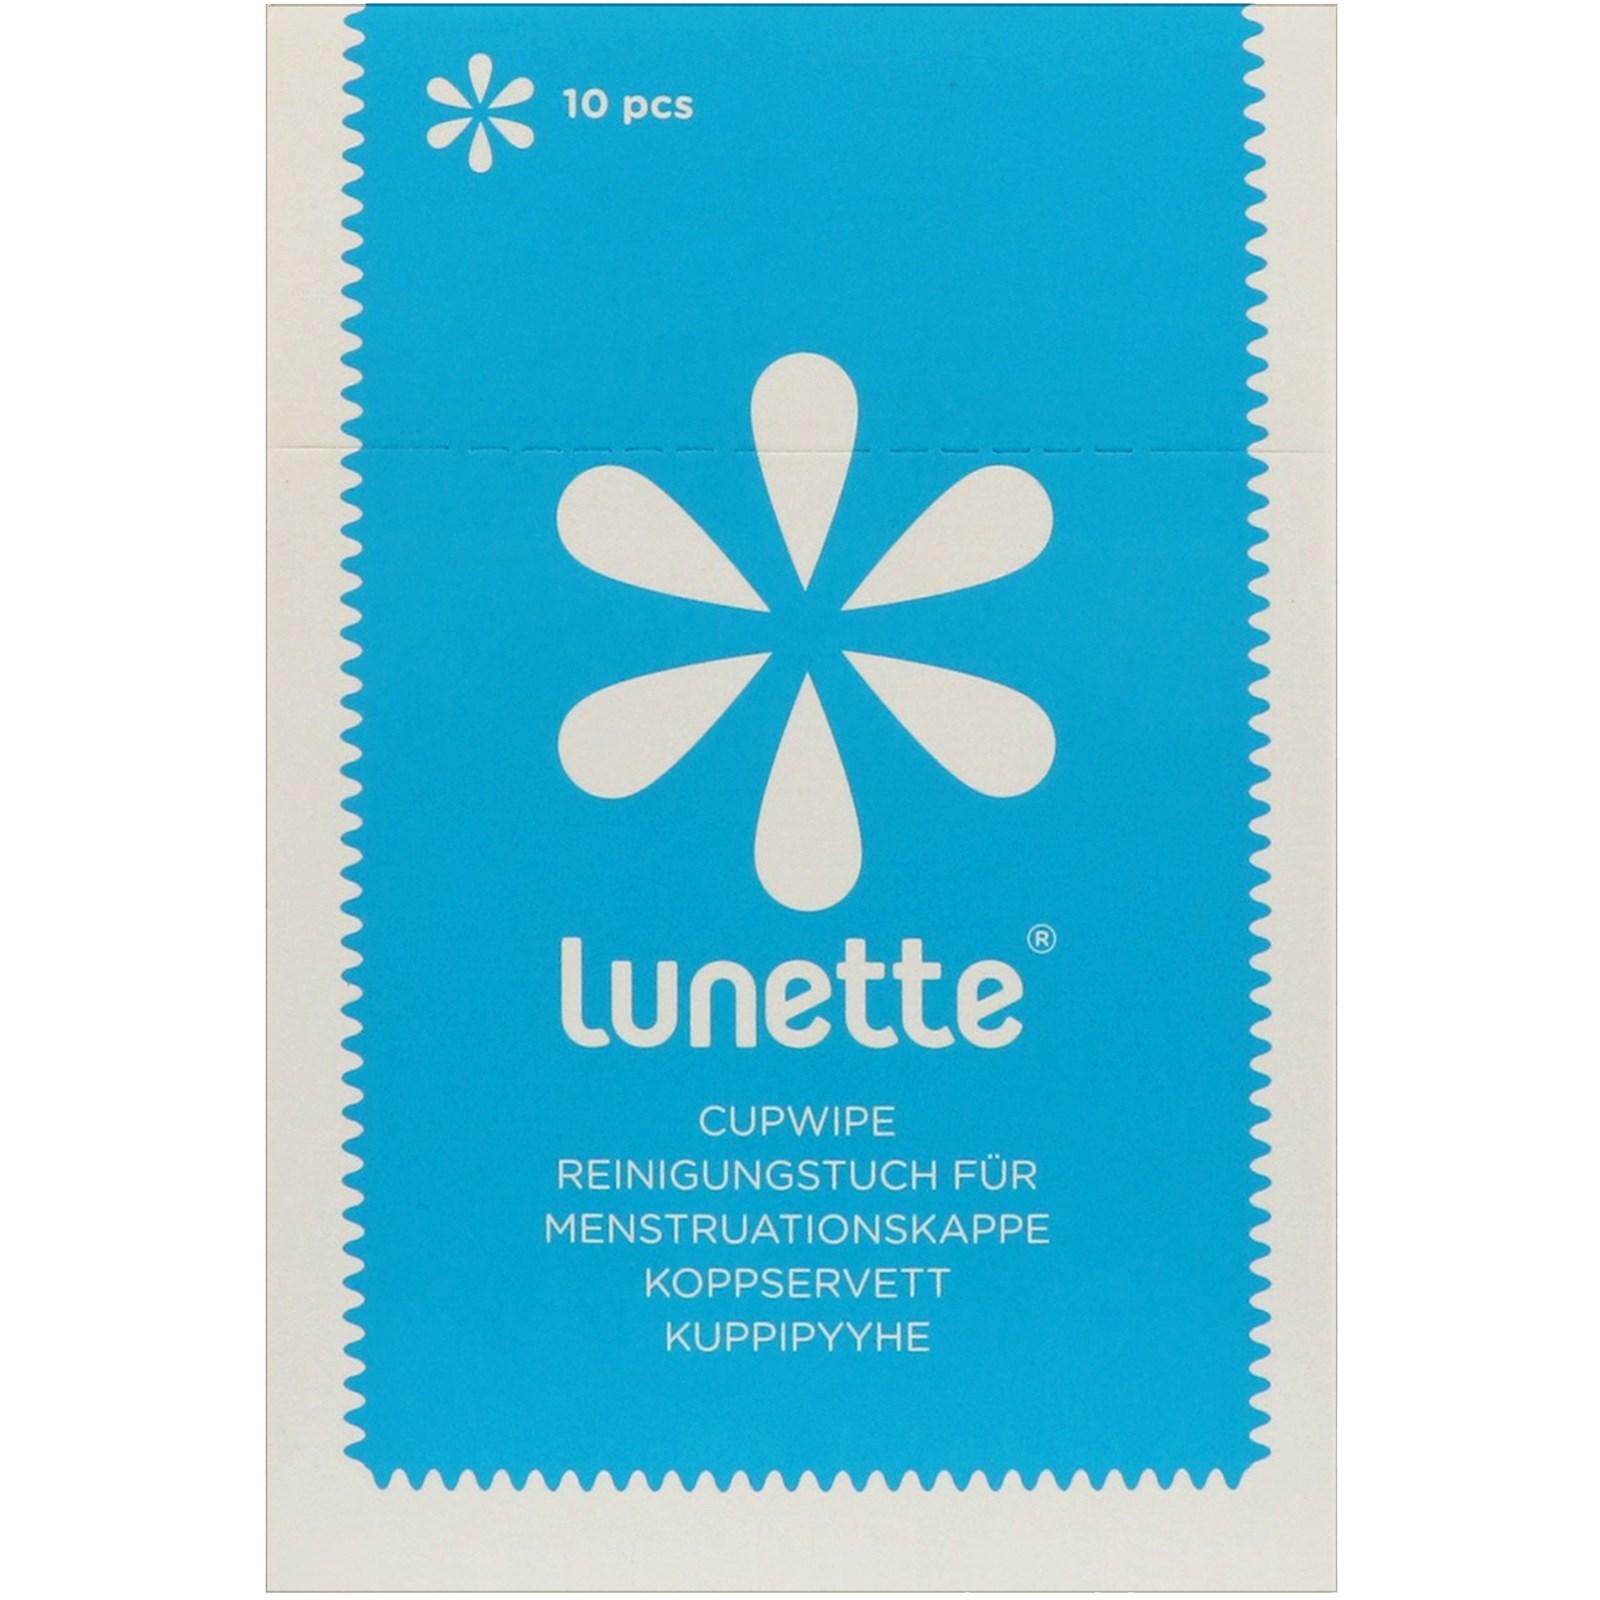 Lunette, Обеззараживающие влажные салфетки для менструальной капы, 10 шт